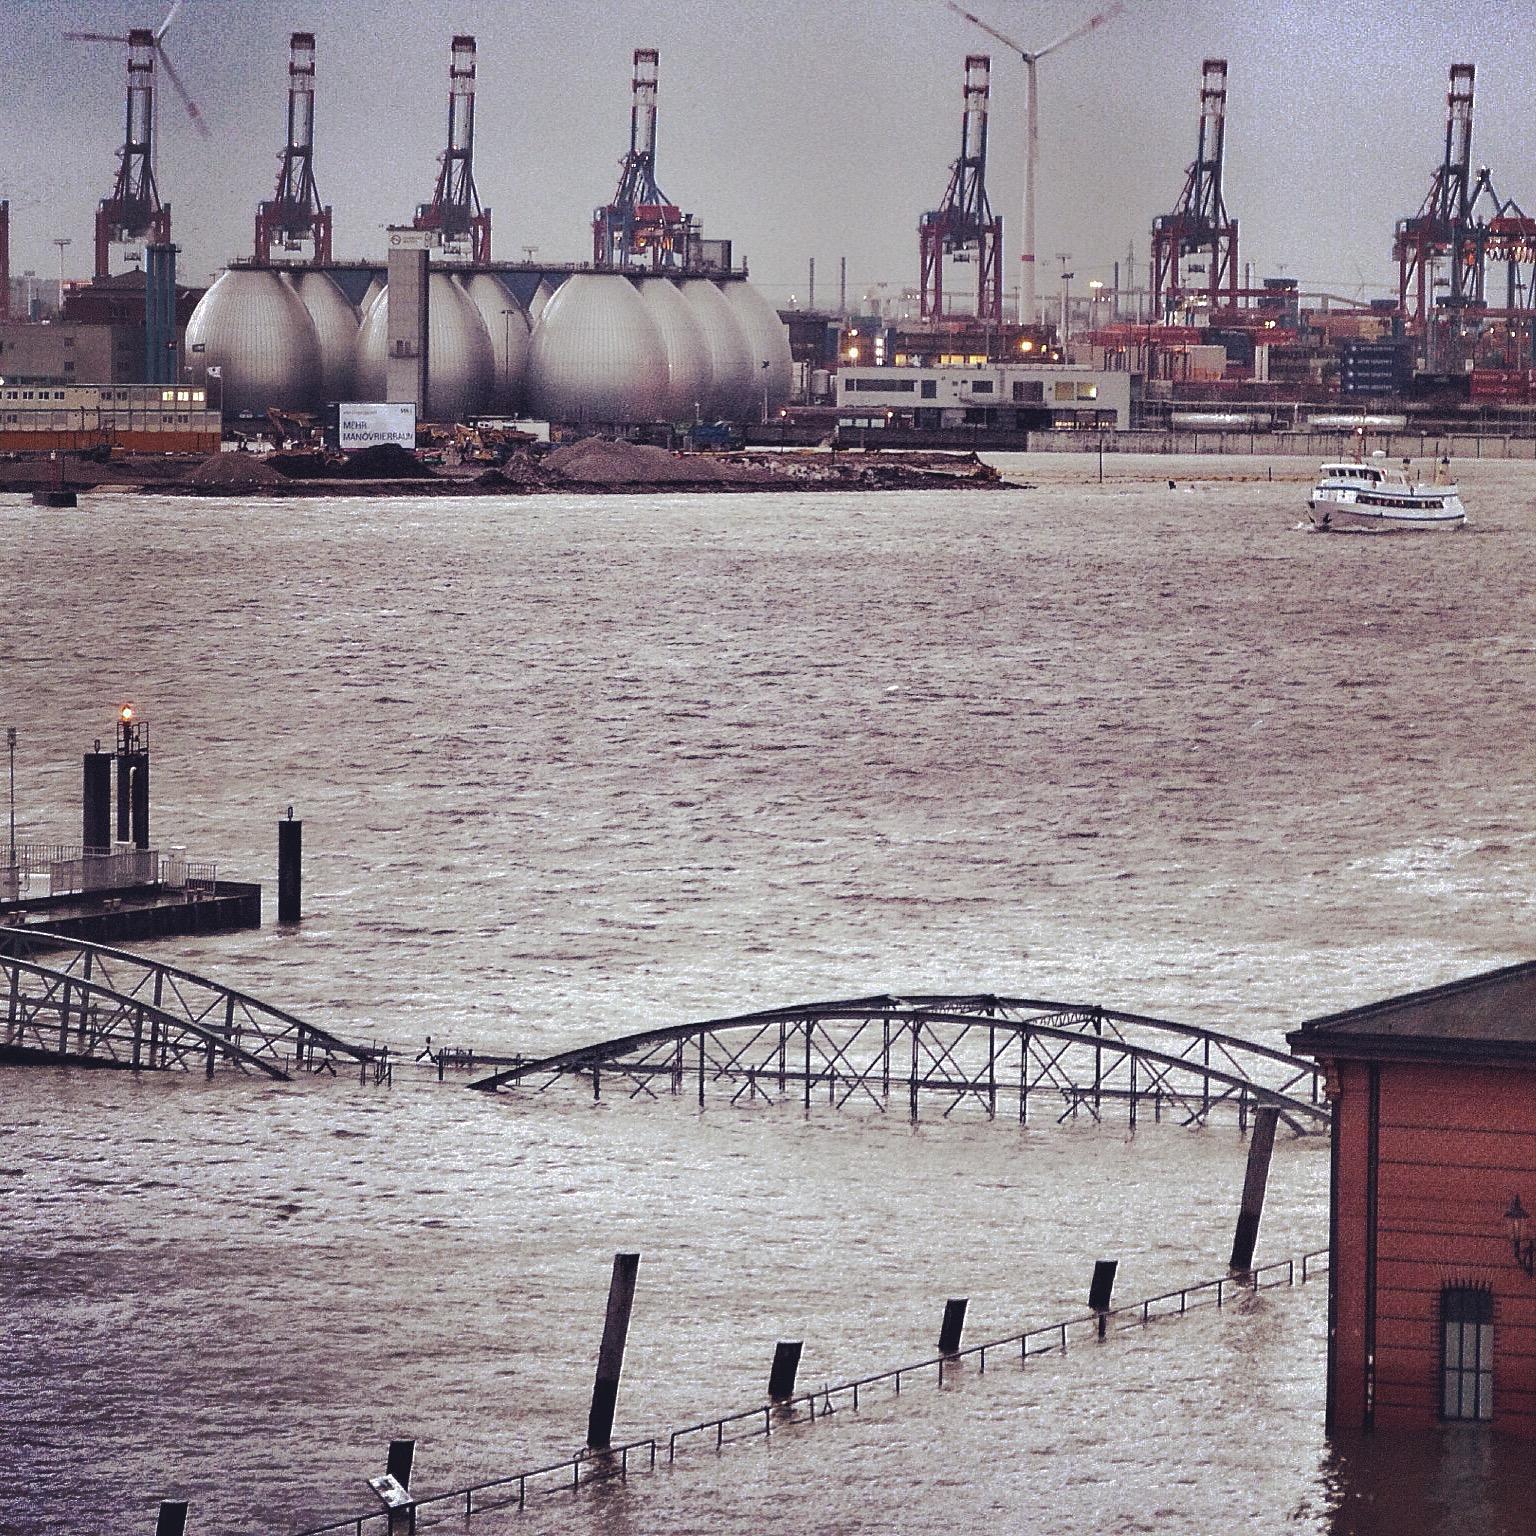 Hochwasser Fischmarkt 2015